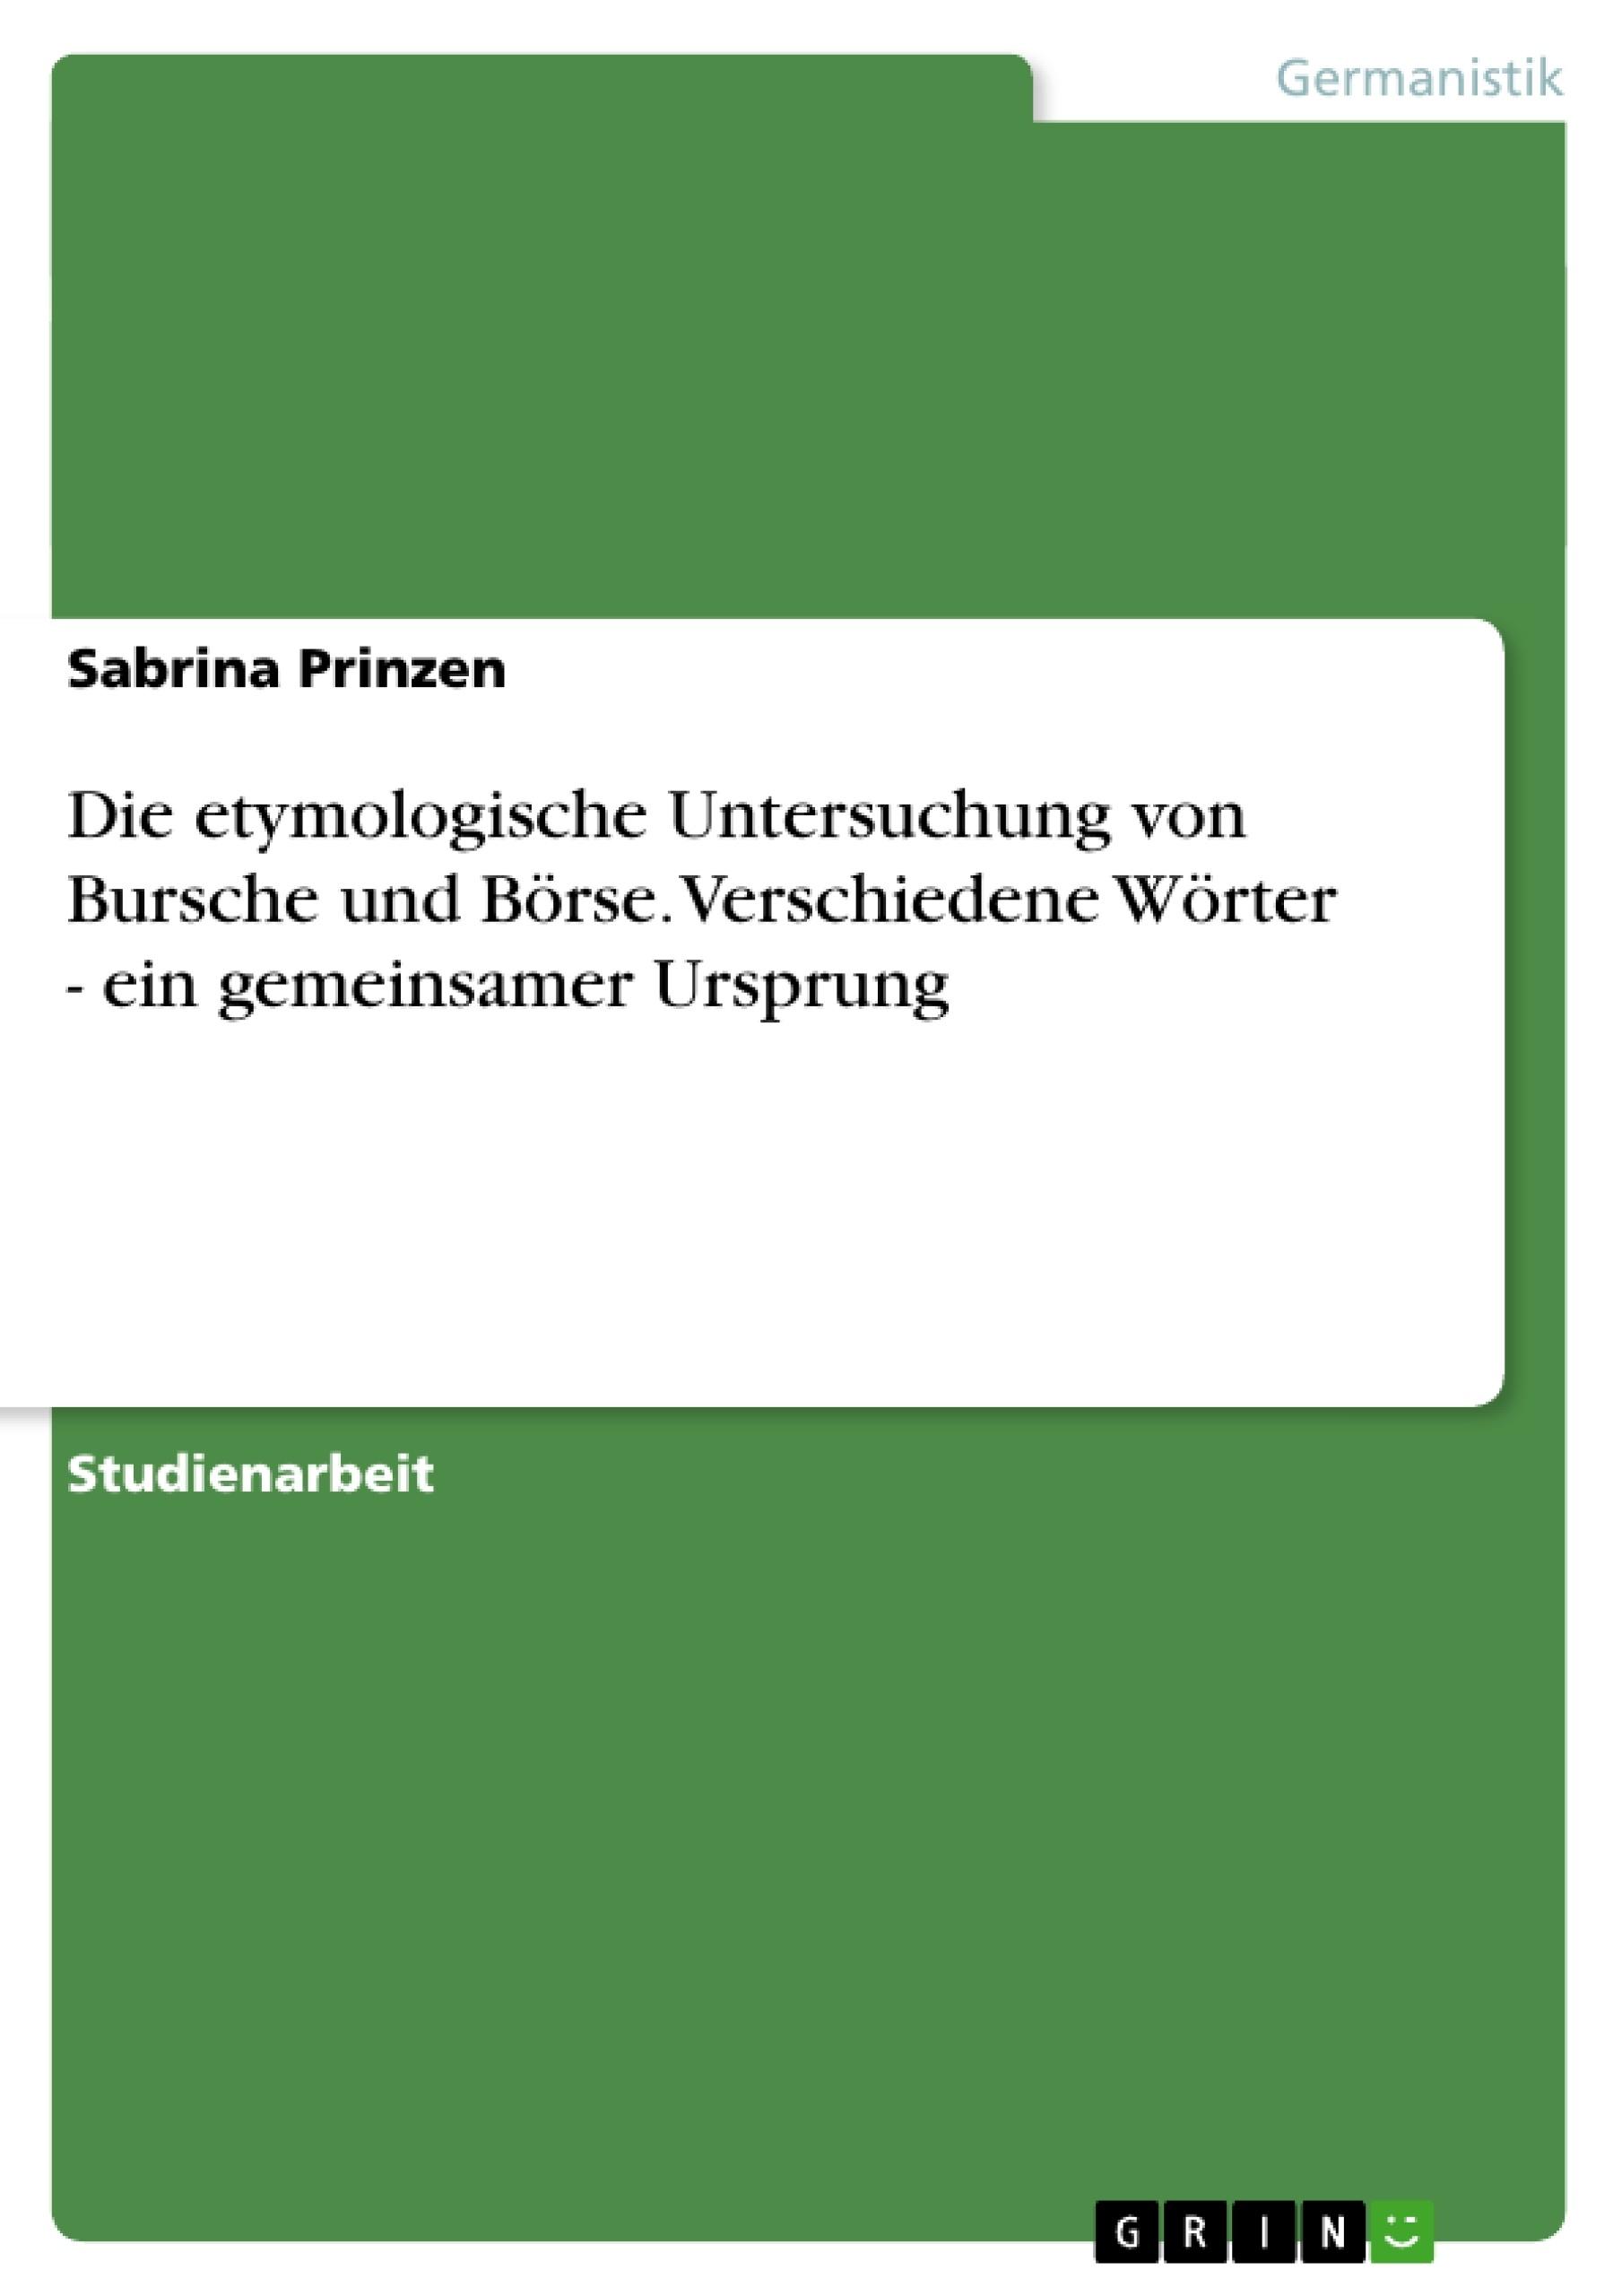 Titel: Die etymologische Untersuchung von Bursche und Börse. Verschiedene Wörter - ein gemeinsamer Ursprung